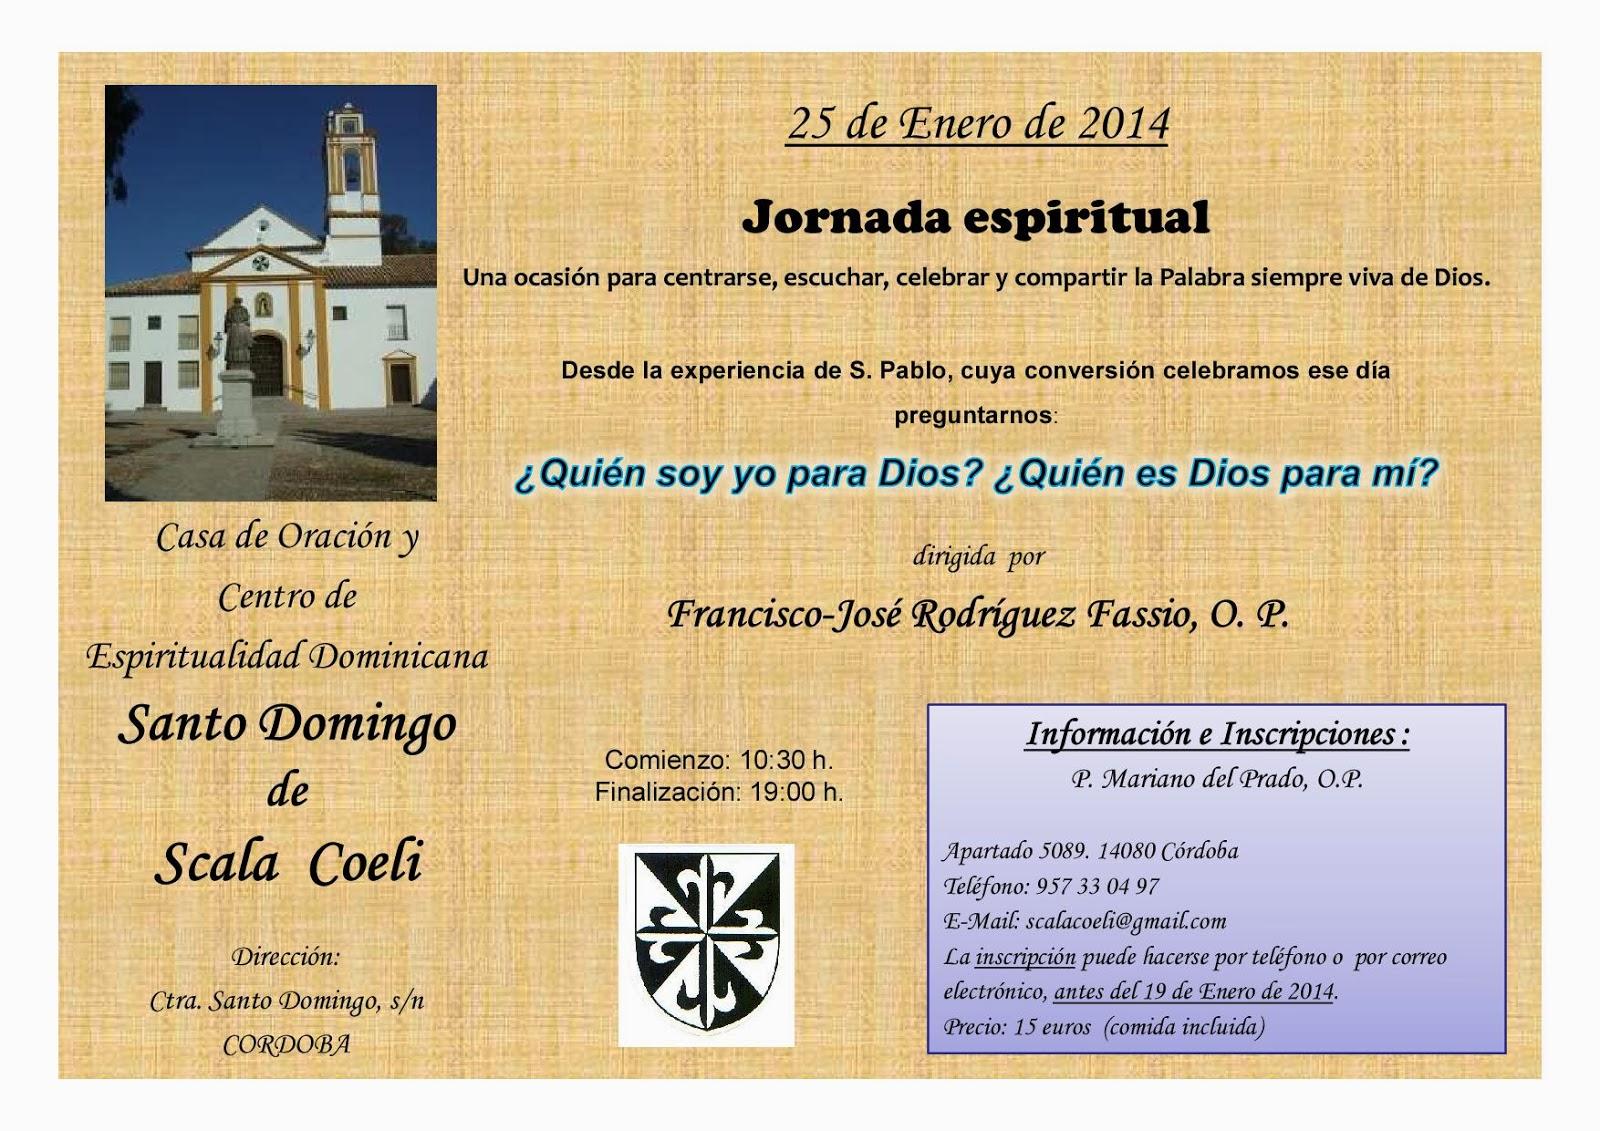 http://4.bp.blogspot.com/-M7WQRqYM6g4/UtMWkV4xDLI/AAAAAAAACig/-tDQqdEysEA/s1600/Scala+Coeli+-+Jornada+espiritual+25+Enero+2014.jpg